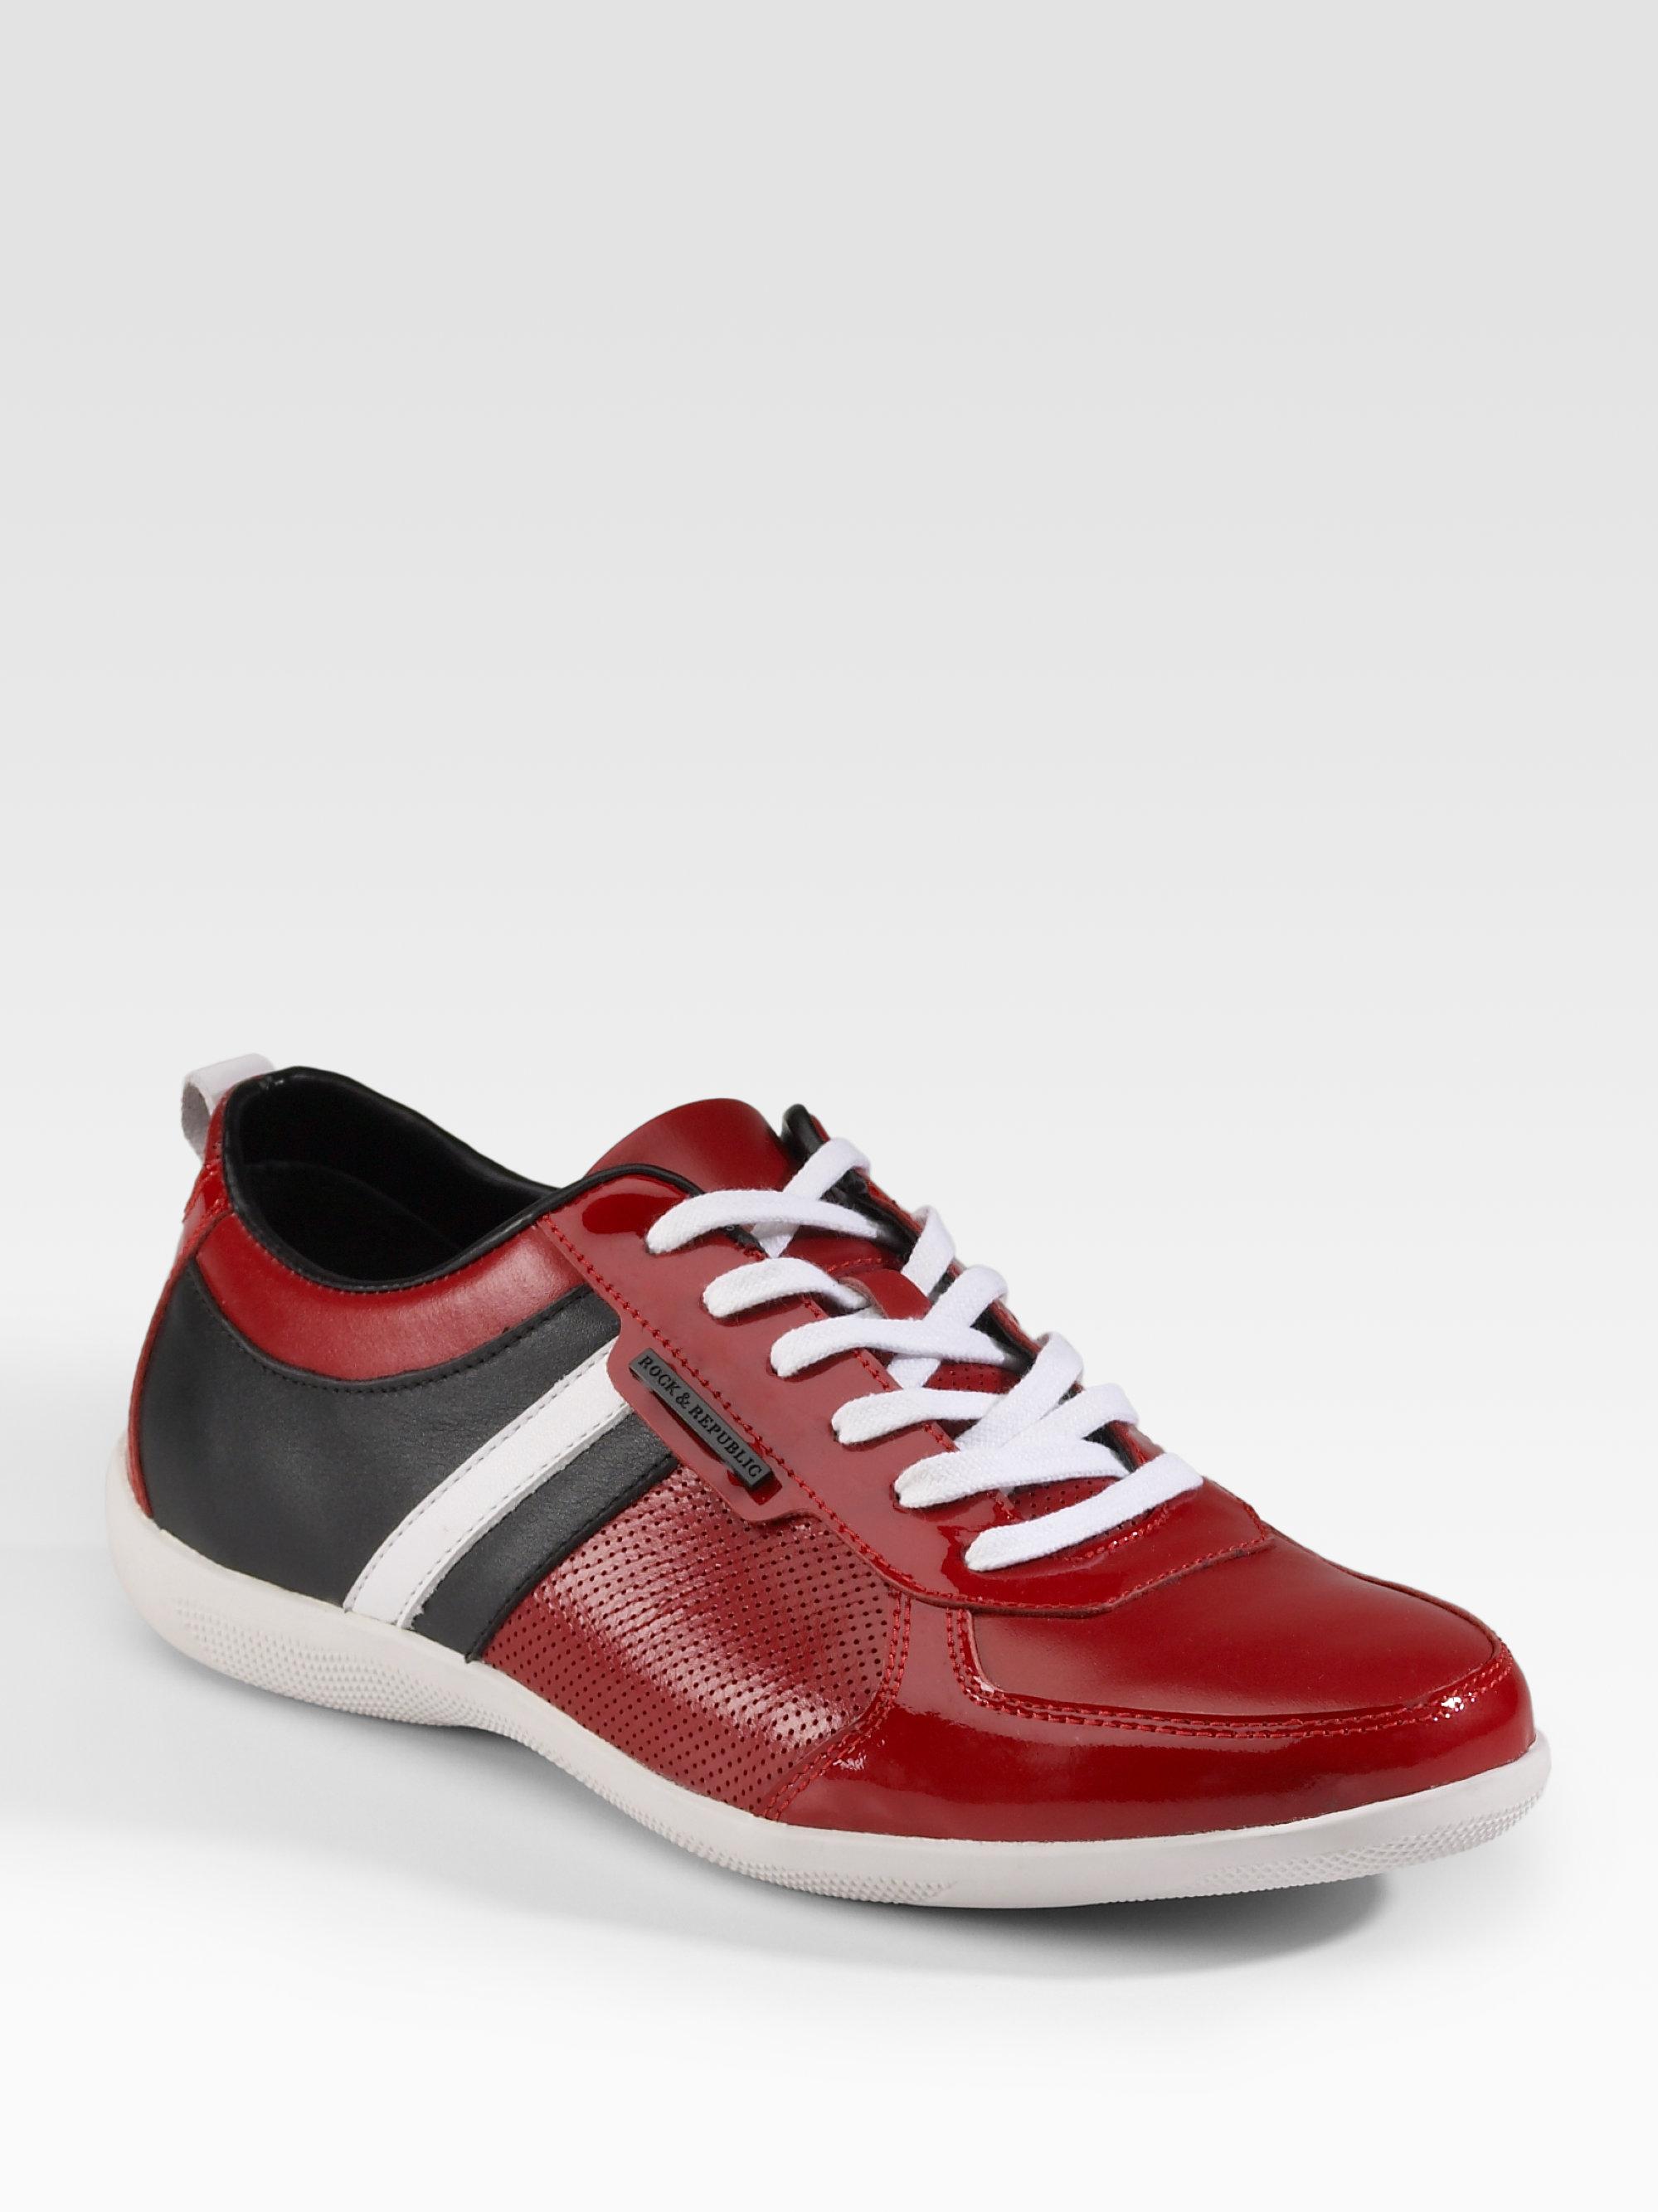 Rock Republic Mens Shoes Sale